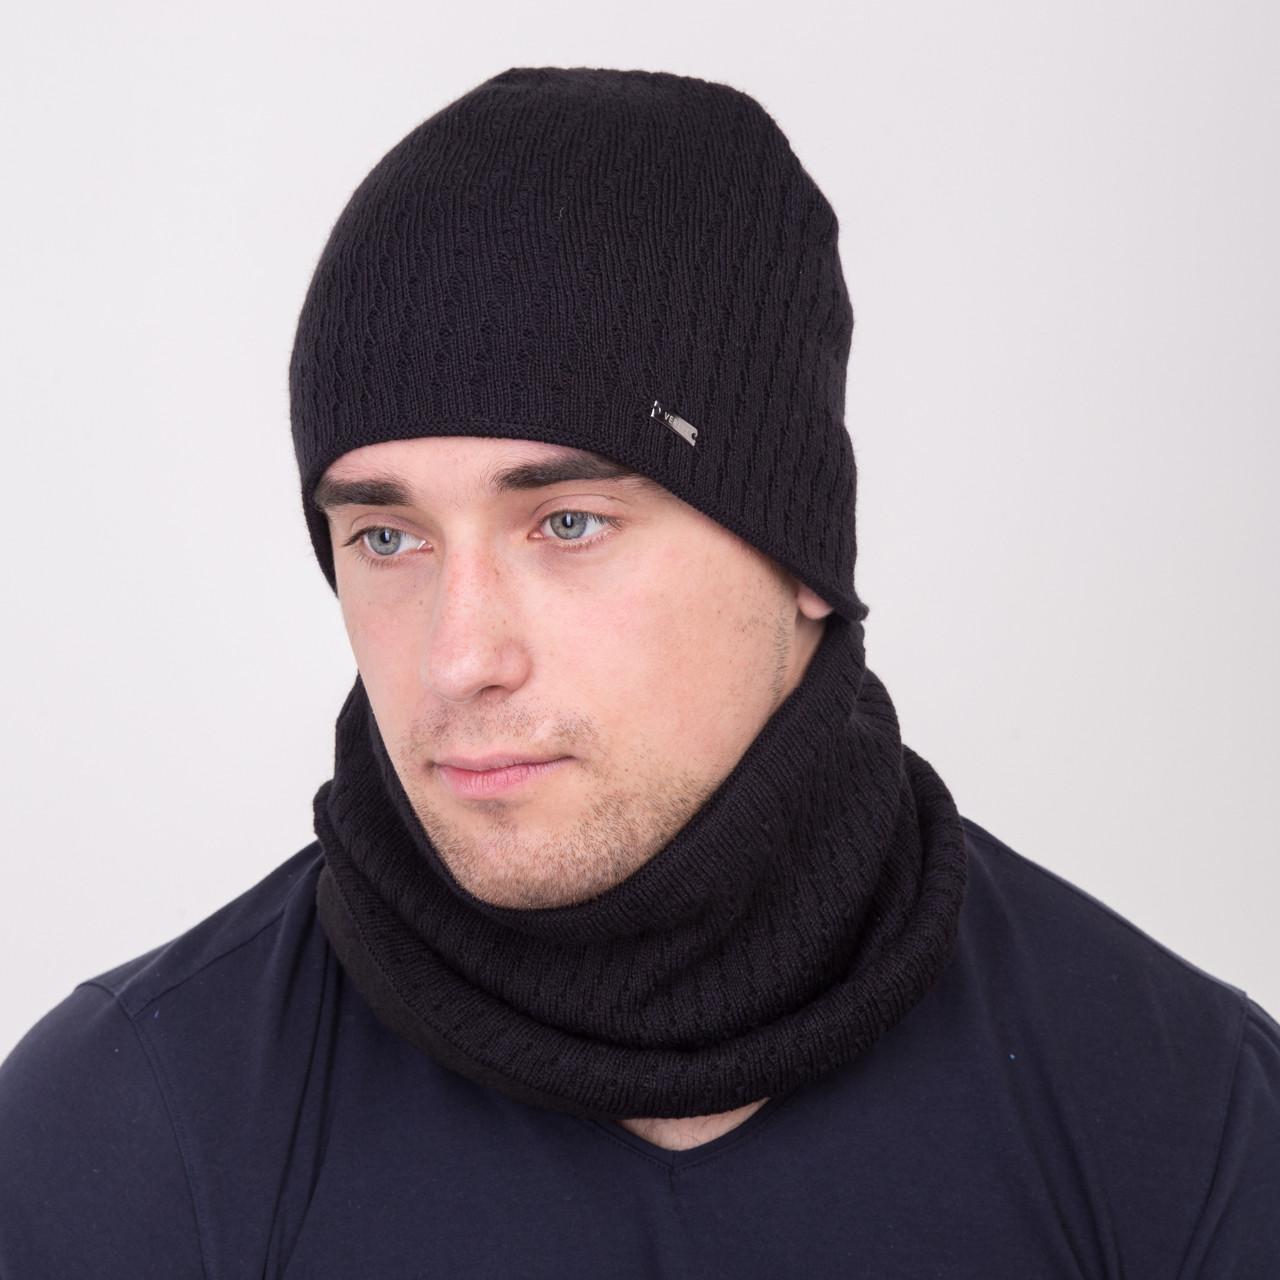 Вязанный мужской комплект на зиму (шапка и хомут) - Артикул 2164 (черный)